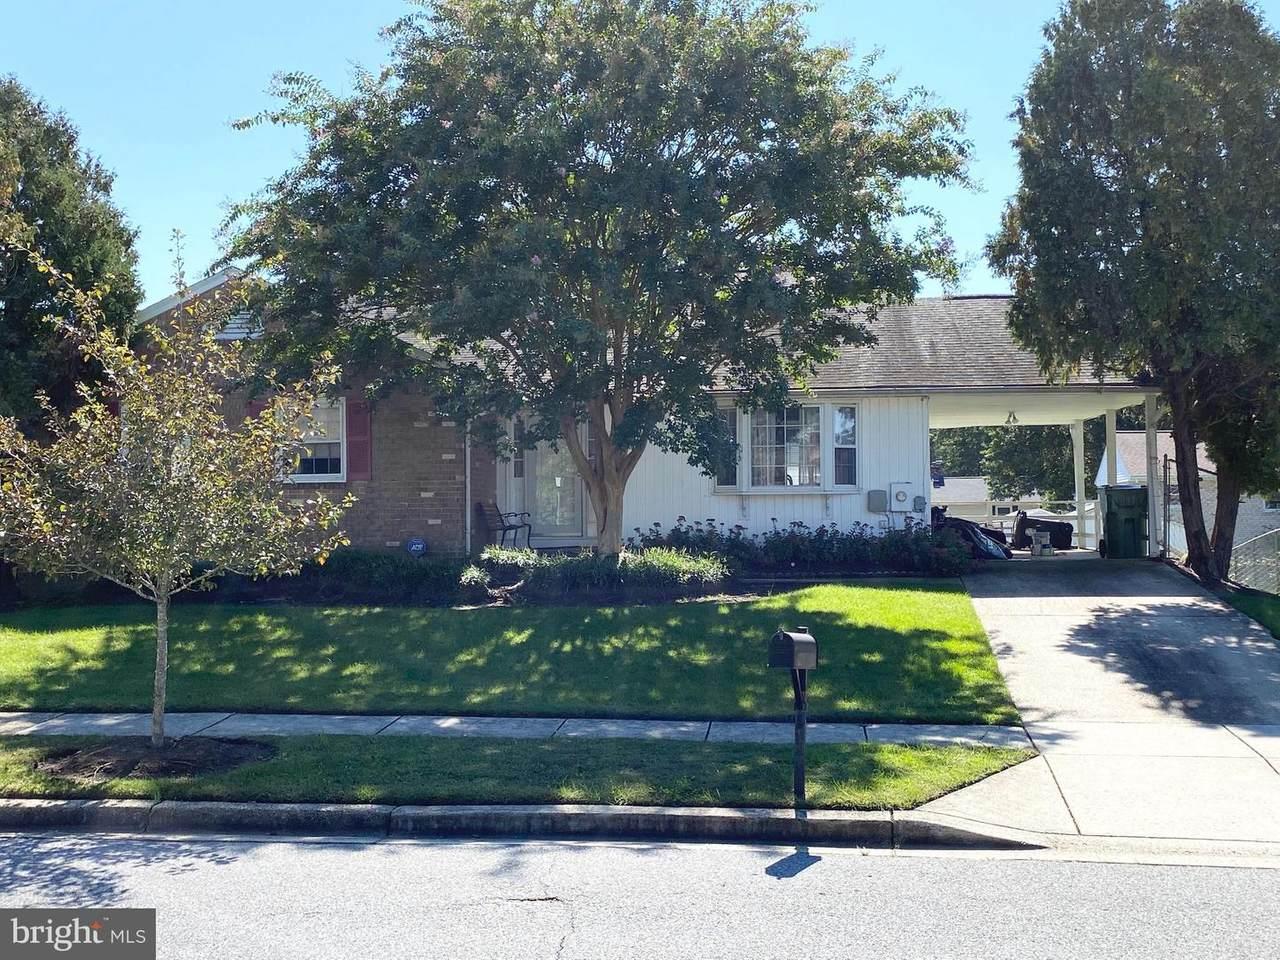 13005 Payton Drive - Photo 1